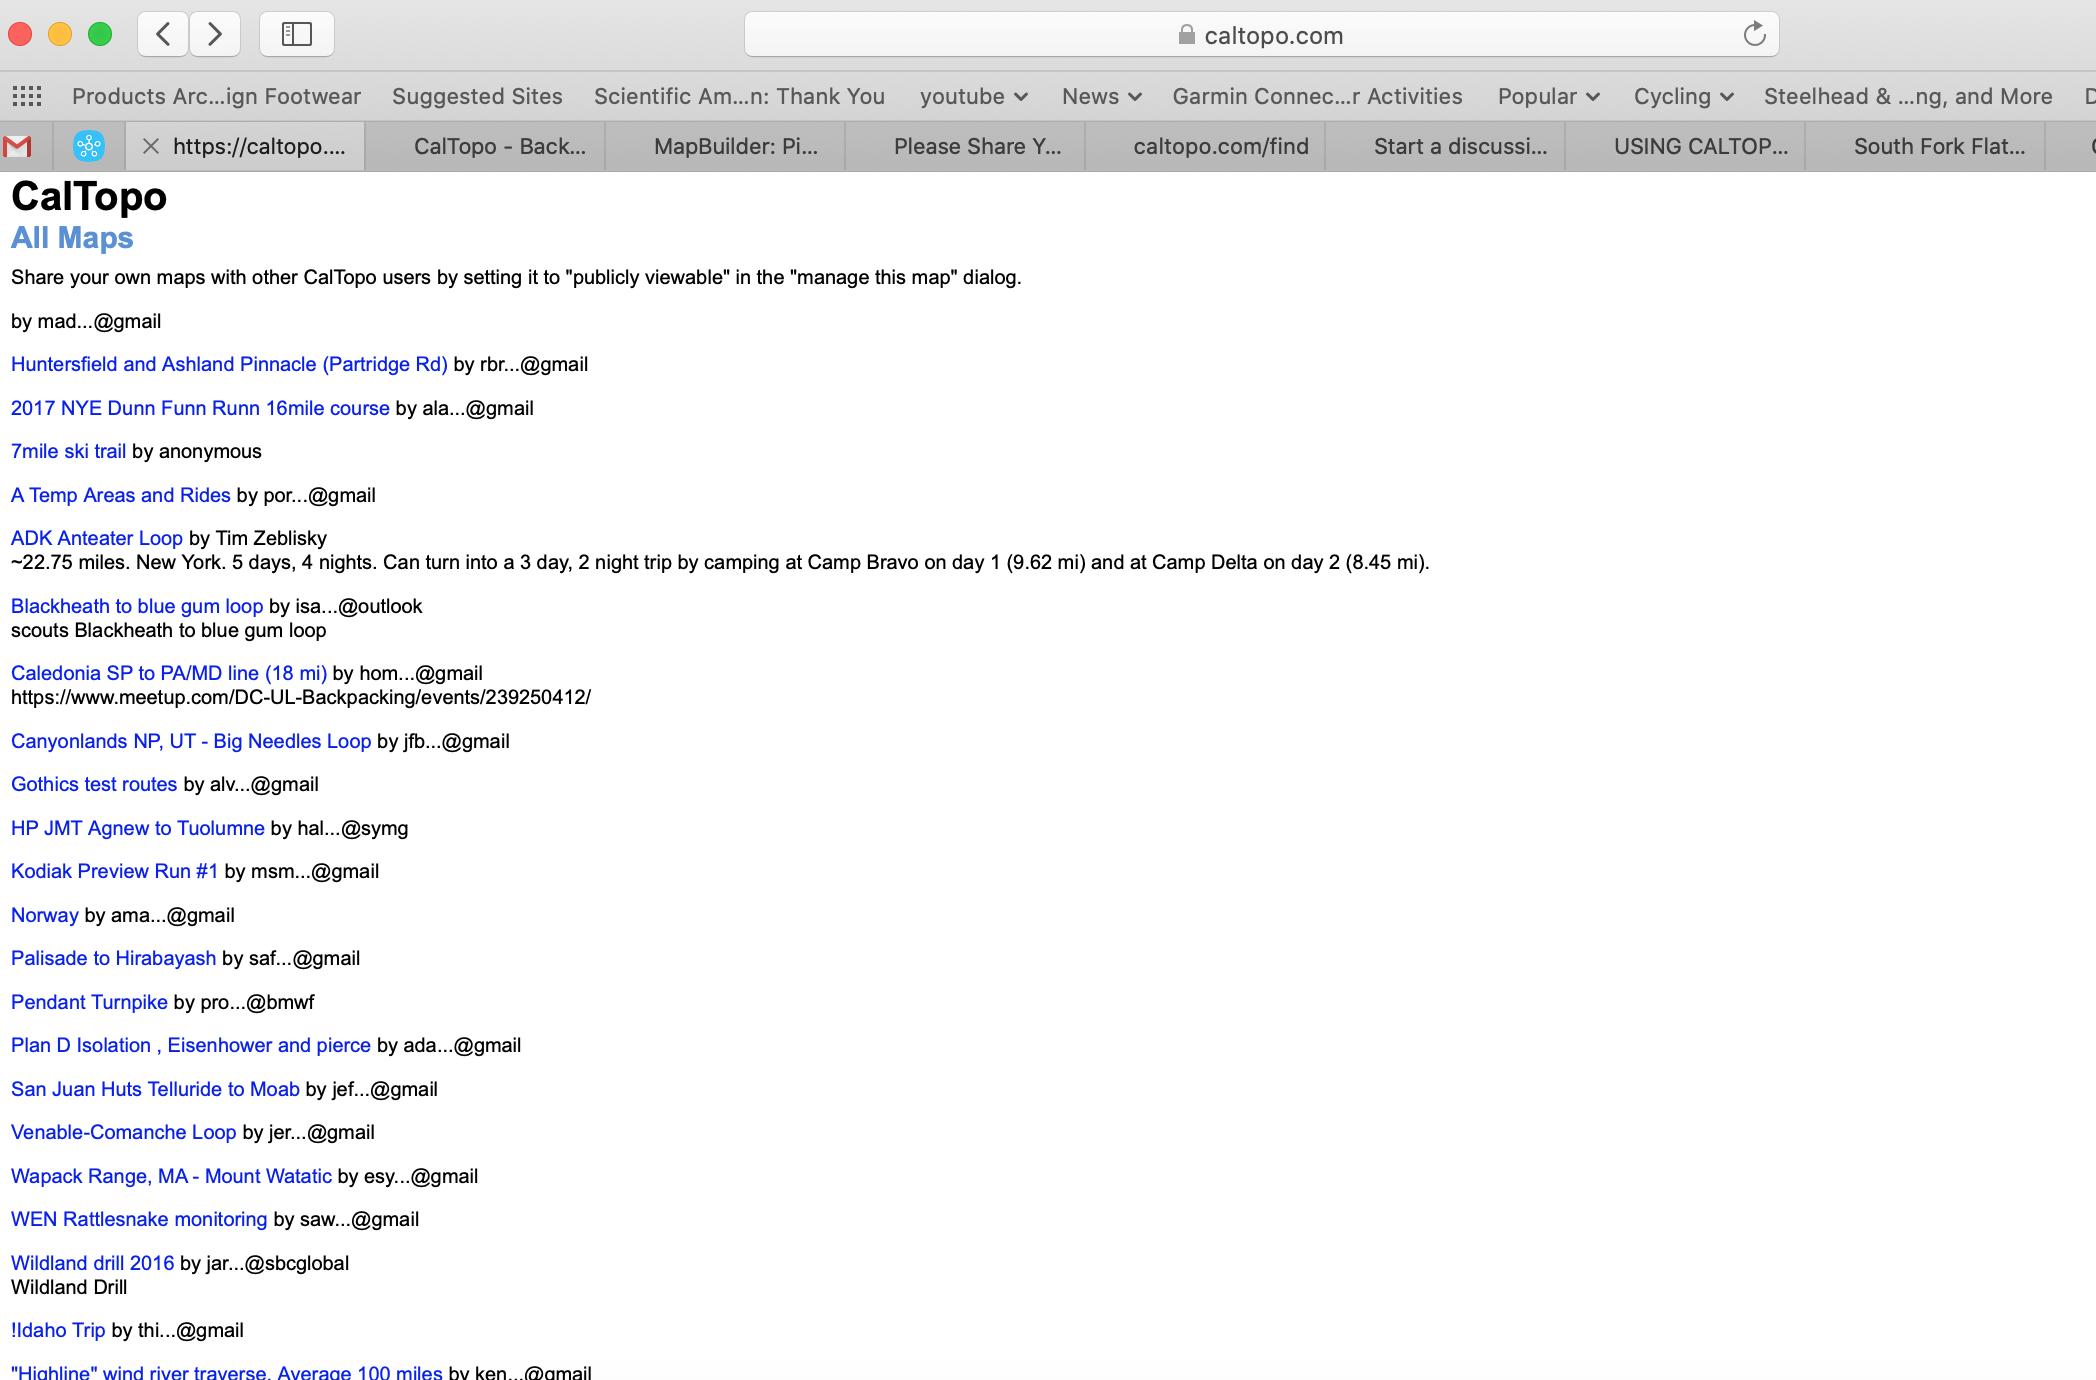 Screen_shot_2020-01-12_at_4.24.20_pm